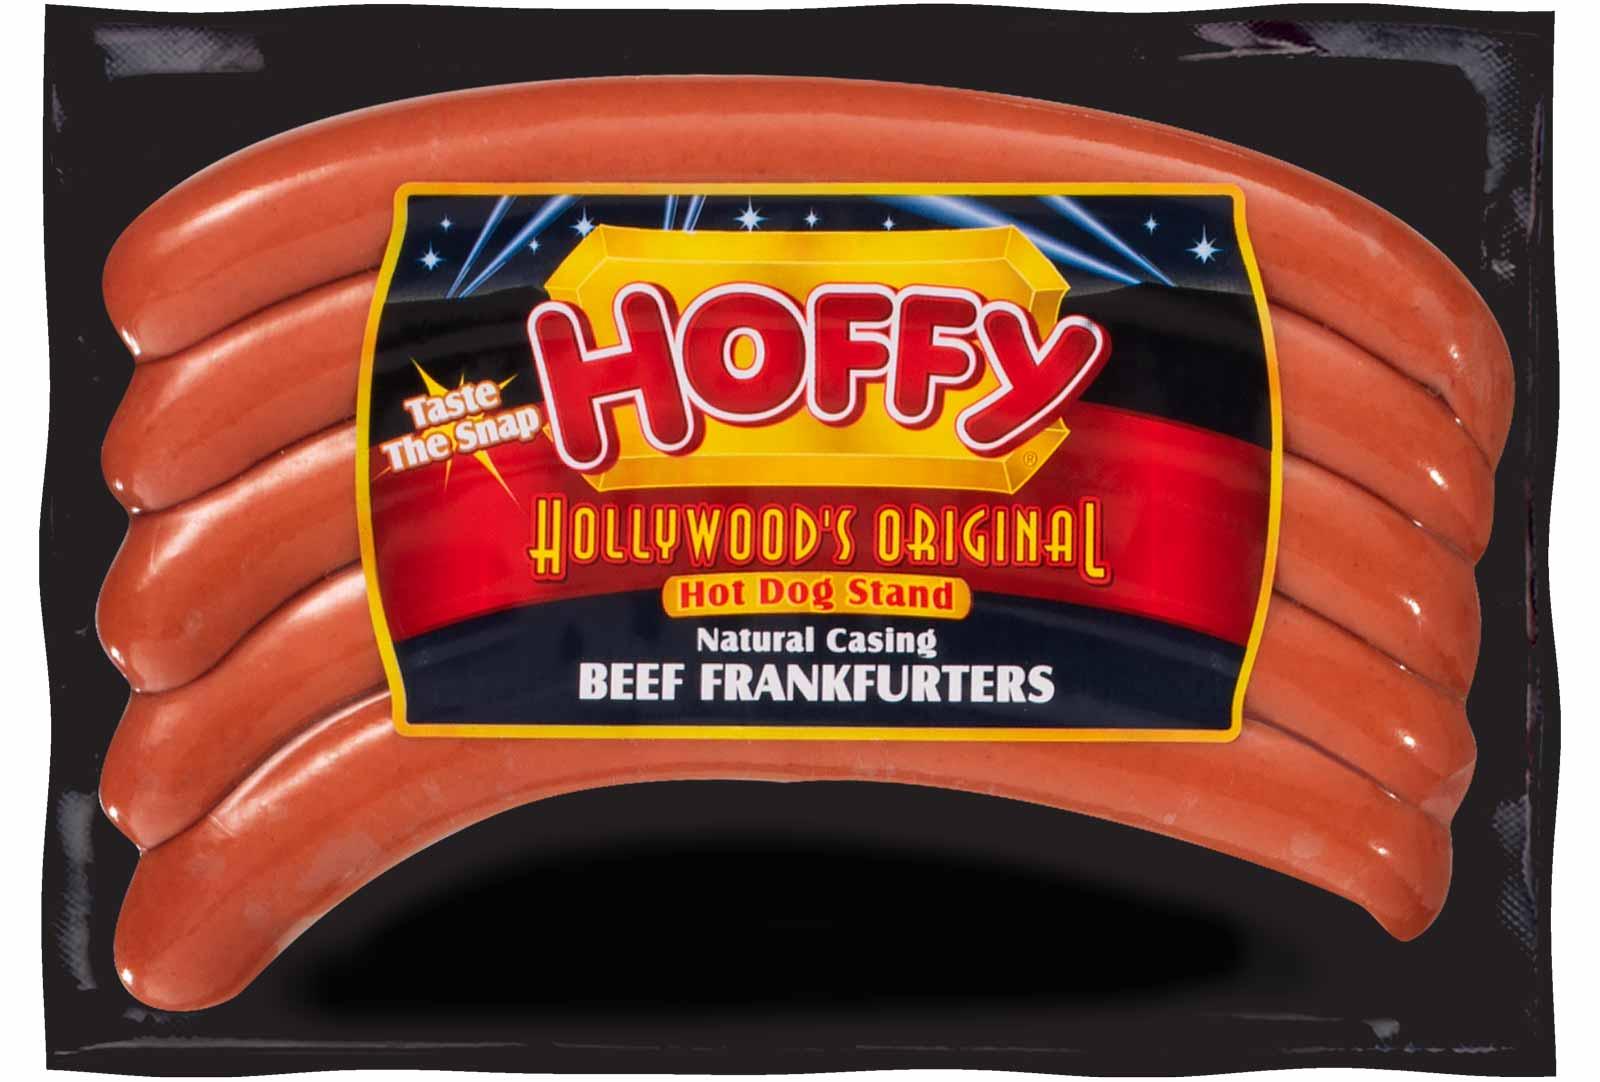 Hollywood's Original Natural Casing Premium Beef Frankfurters